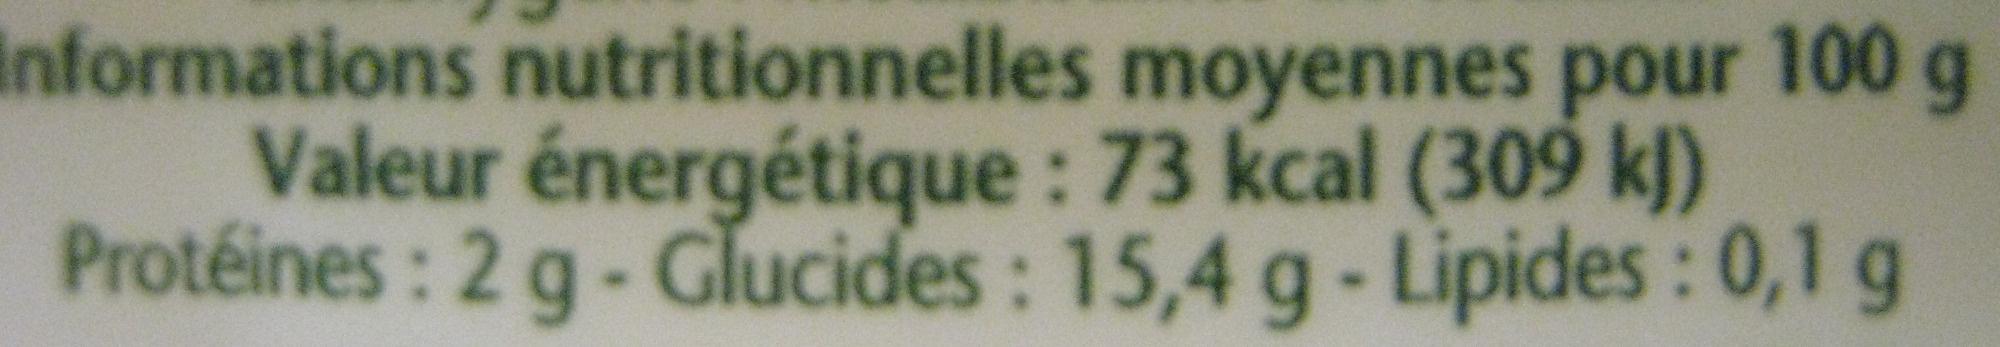 Coeurs de grenaille Allaire - Informations nutritionnelles